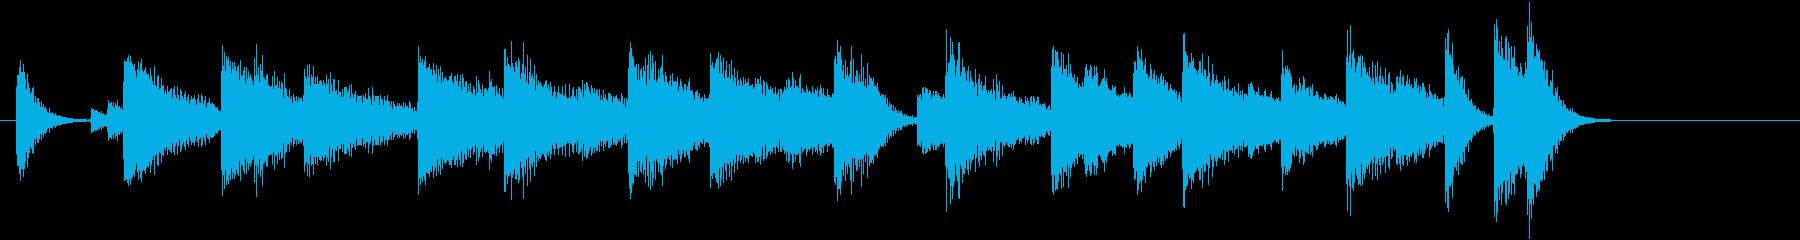 証城寺の狸囃子モチーフのピアノジングルBの再生済みの波形